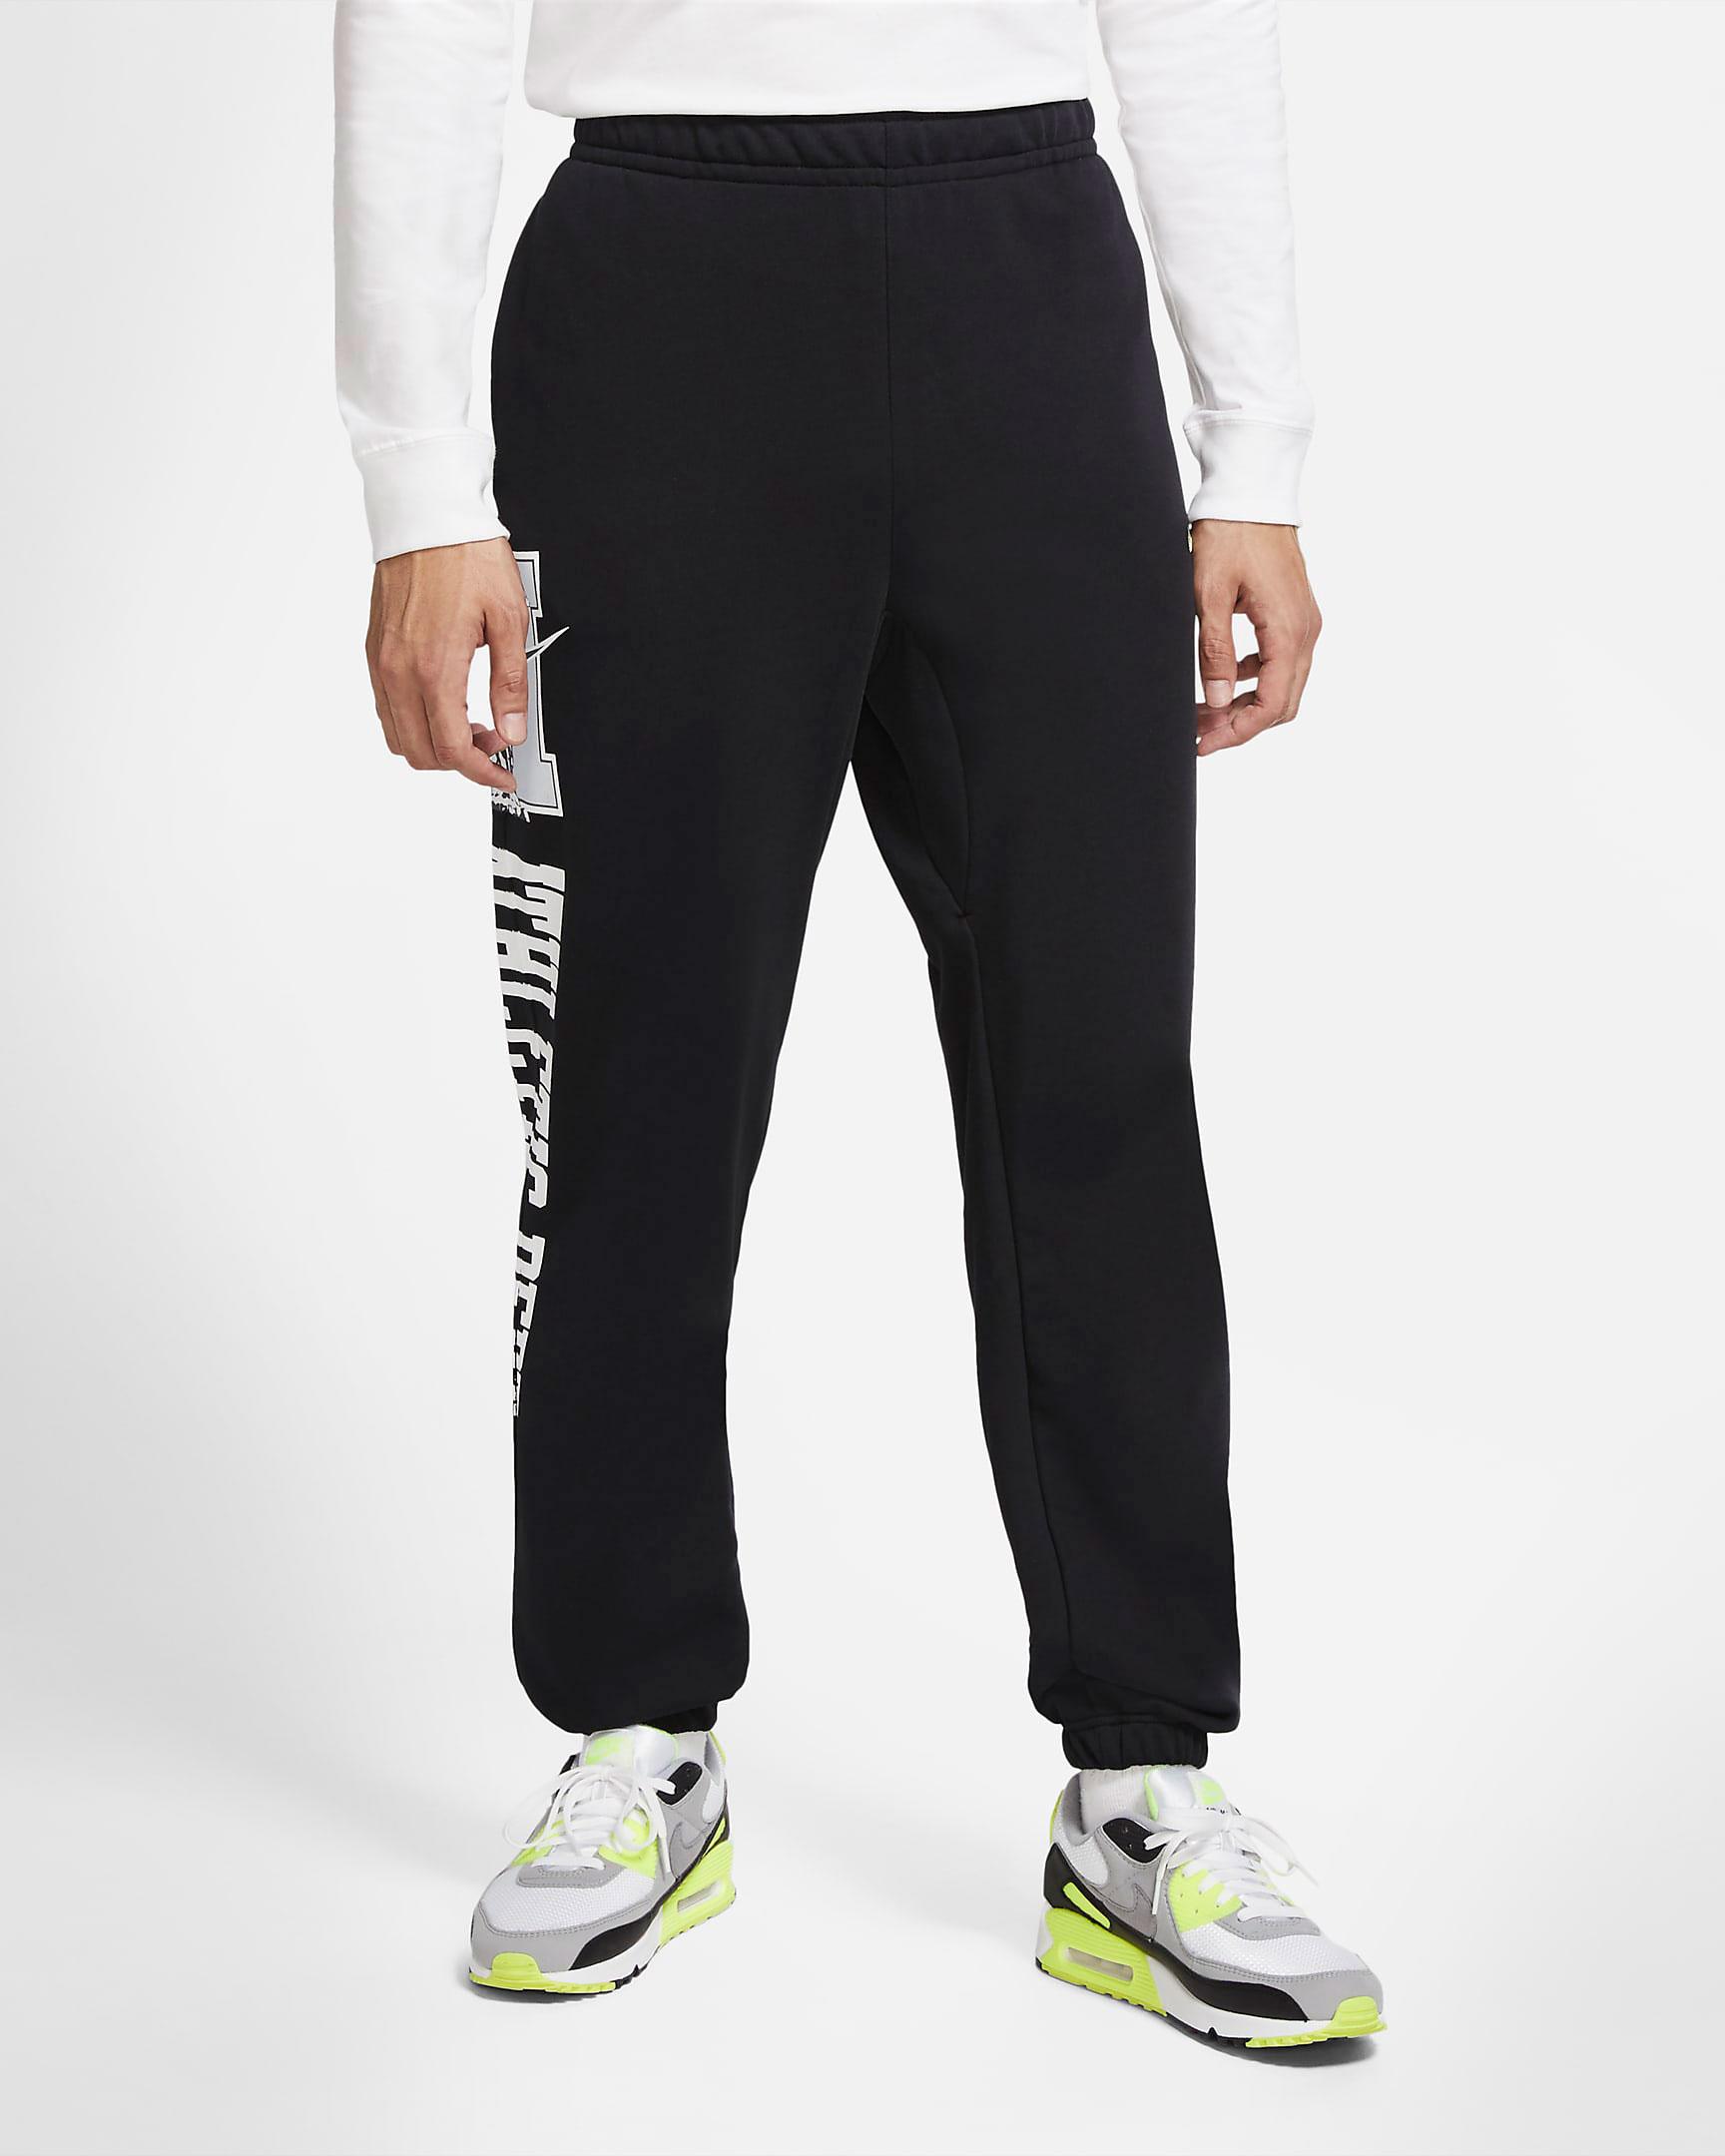 nike-air-max-95-neon-2020-jogger-pants-1